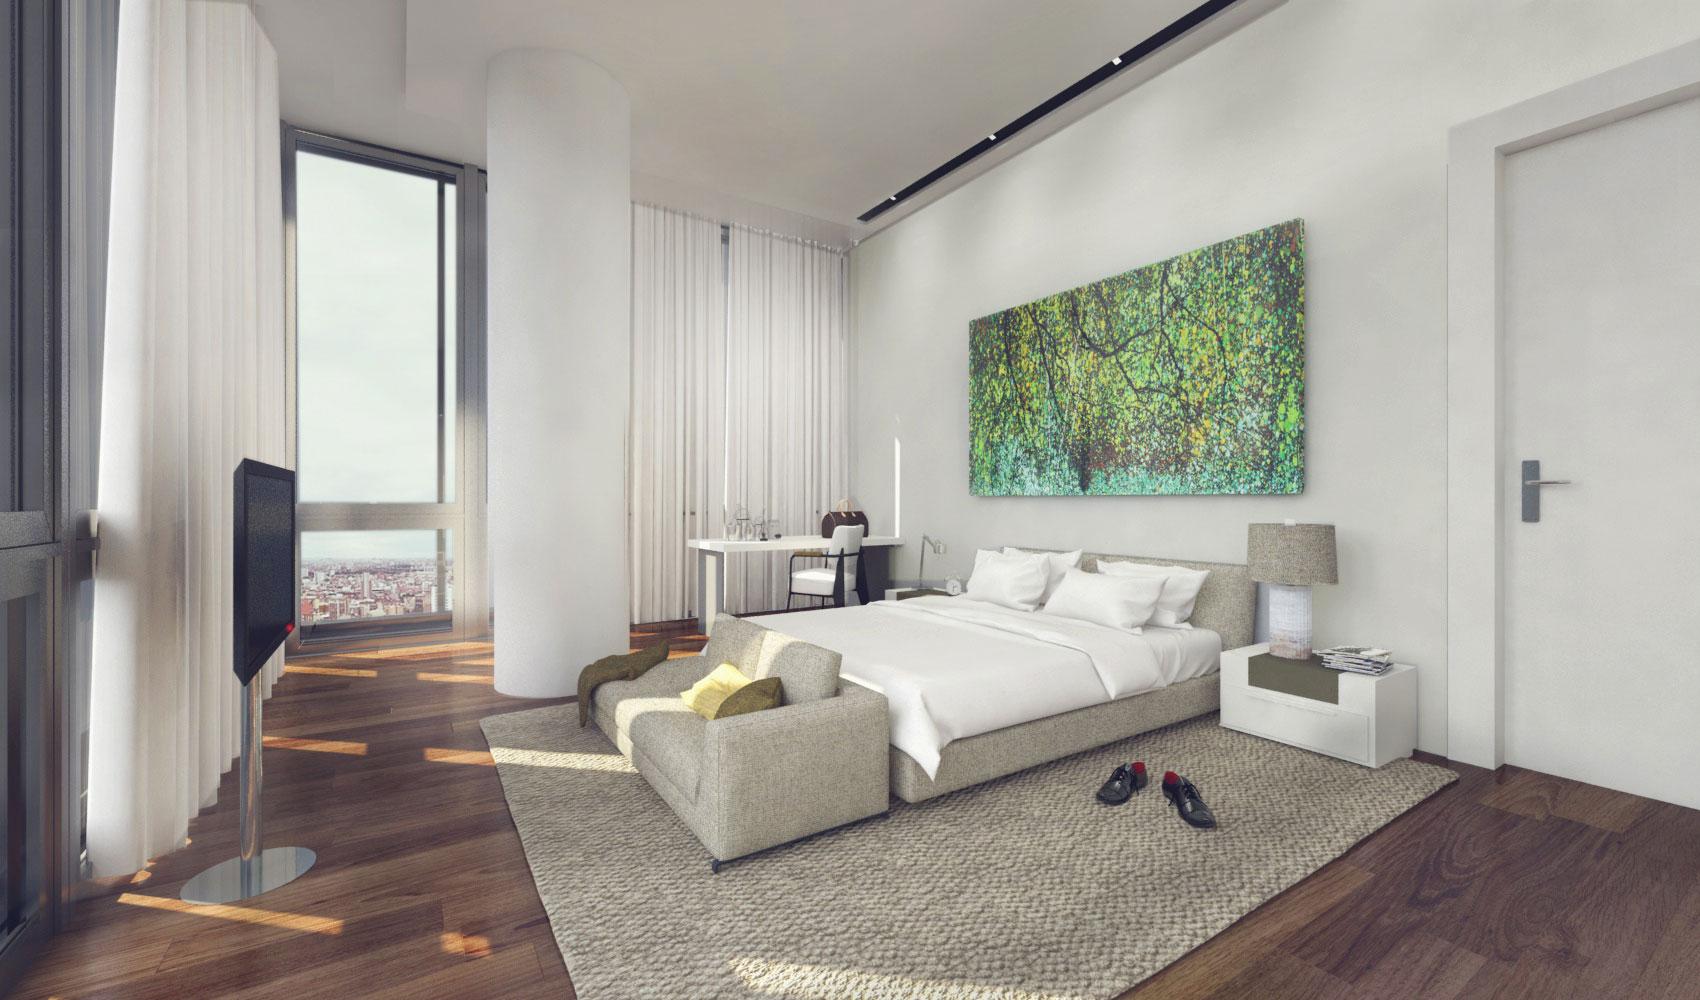 bedroom-apartment-type1-v2.jpg